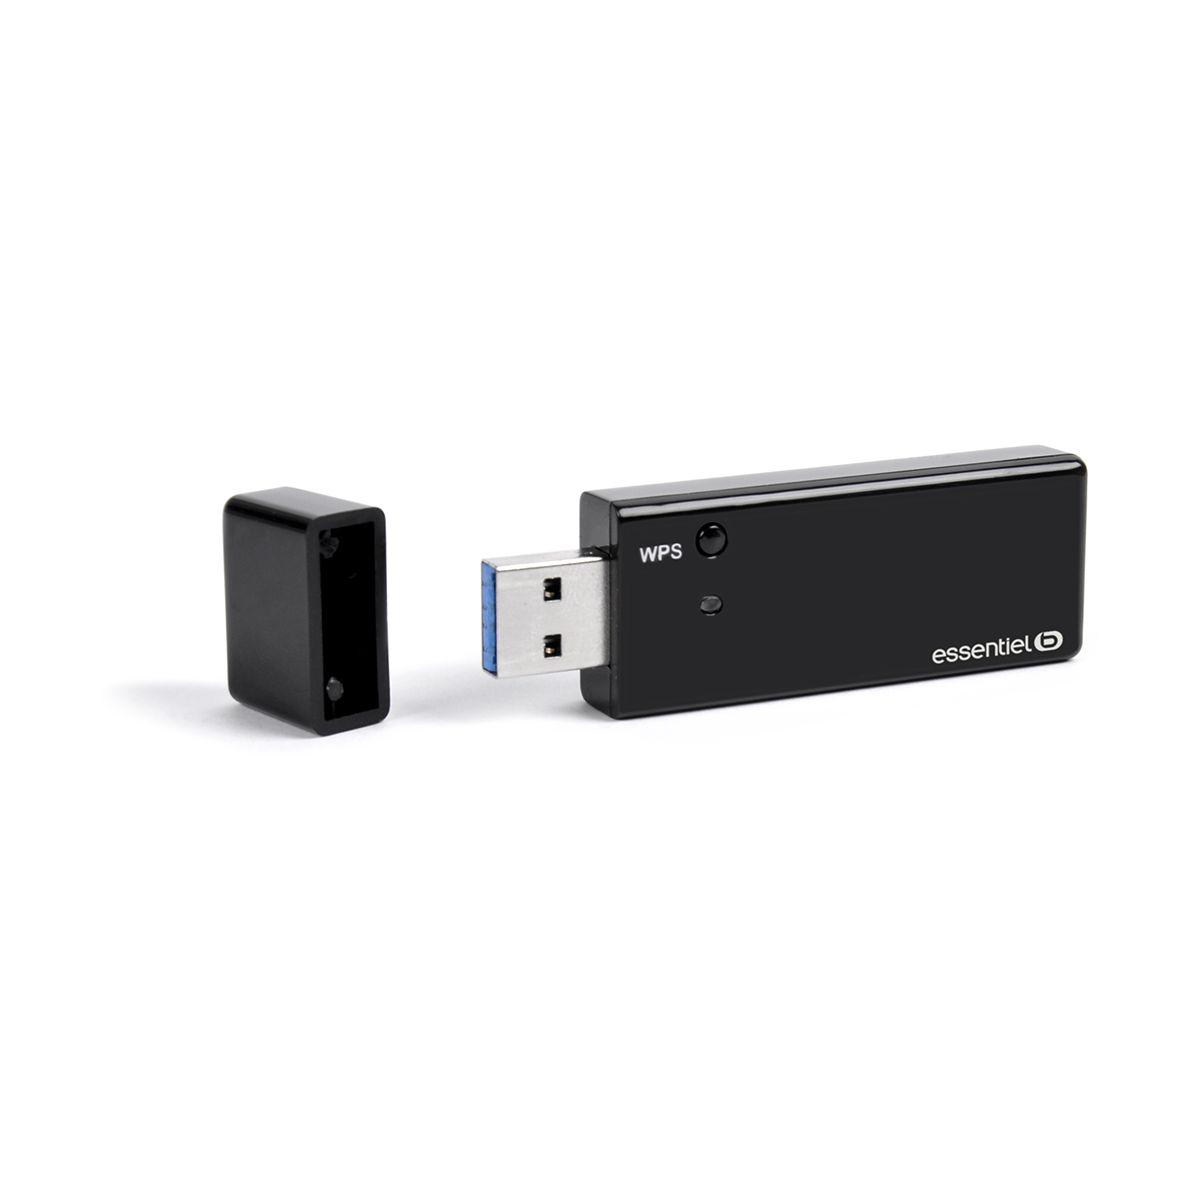 Clé USB Wi-Fi ESSENTIELB Wifi AC 1200 USB 3.0